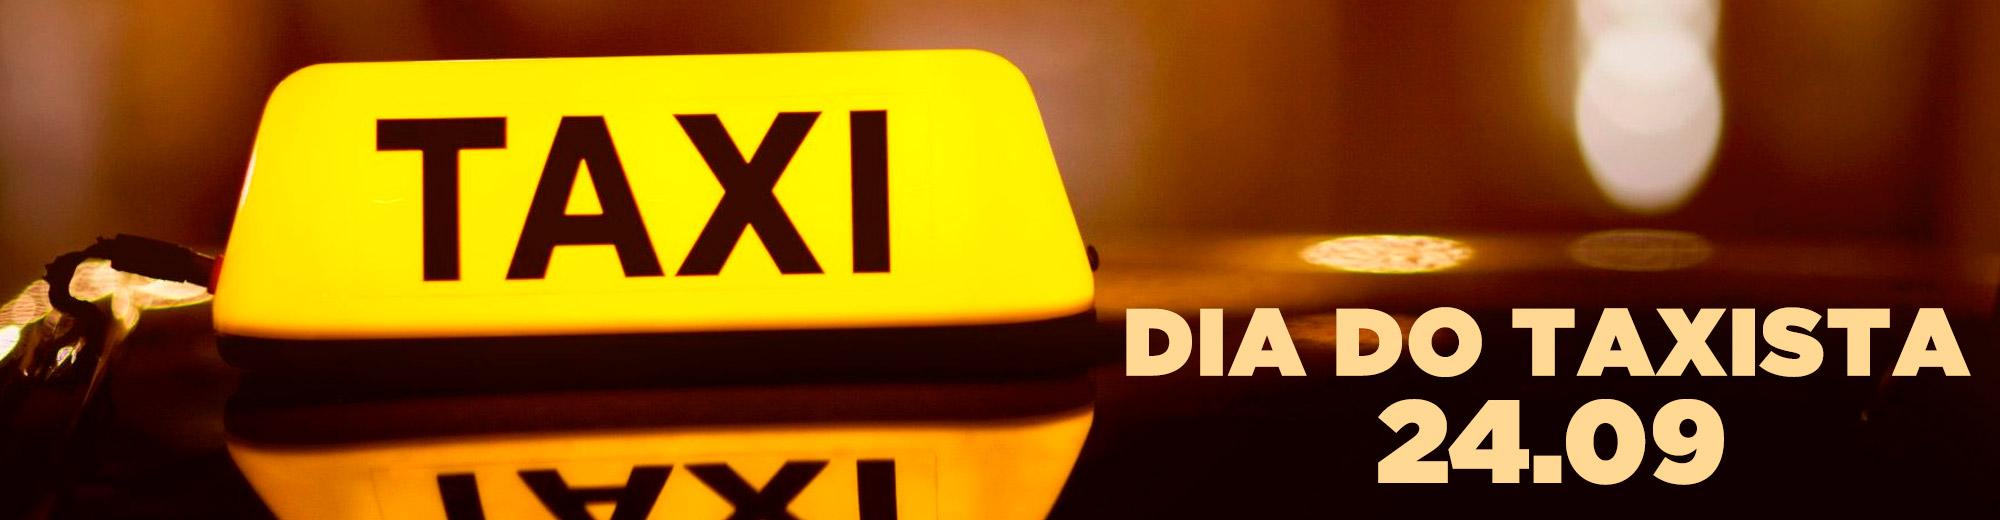 Dia do taxista